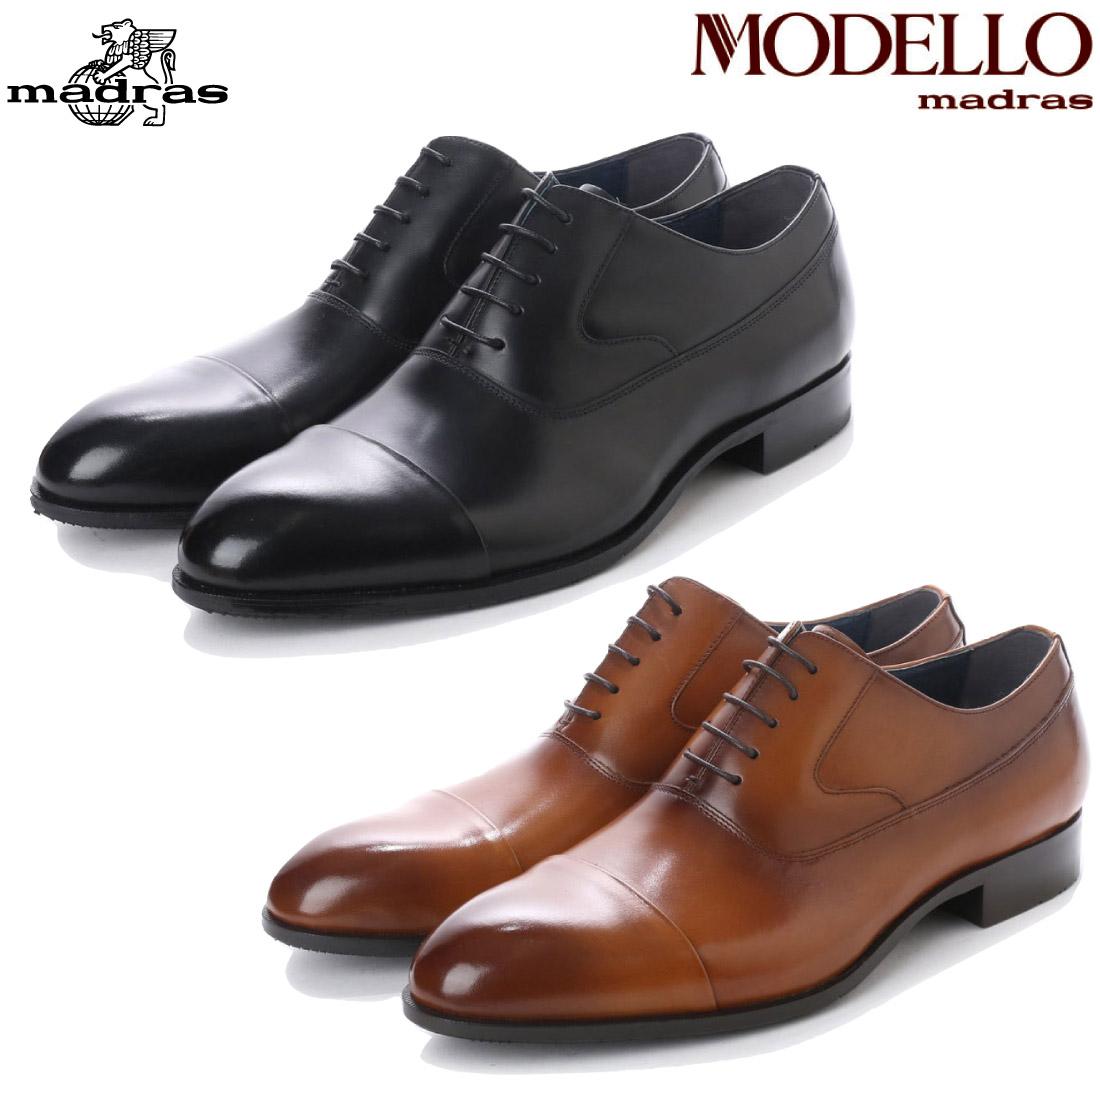 モデロ MODELLO ストレートチップ ビジネスシューズ DM7021 マドラス 革靴 【nesh】 【新品】